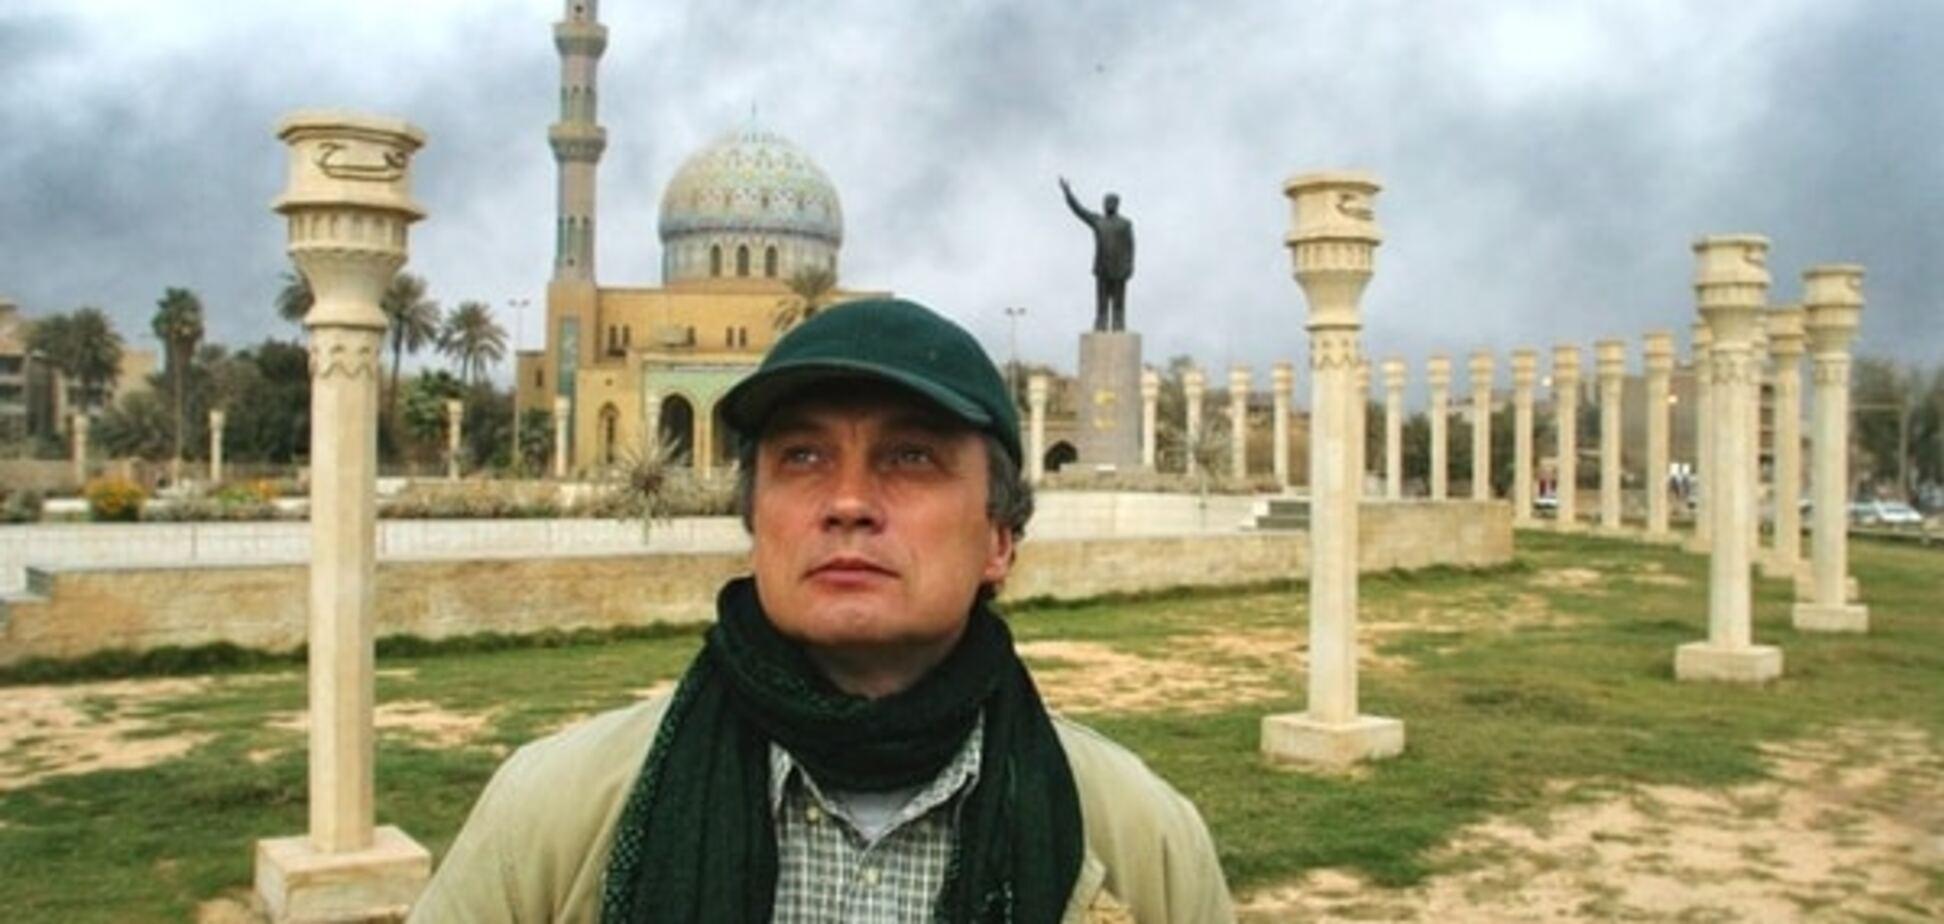 Лойко в Москве стал получать звонки с угрозами из-за книги 'Аэропорт'